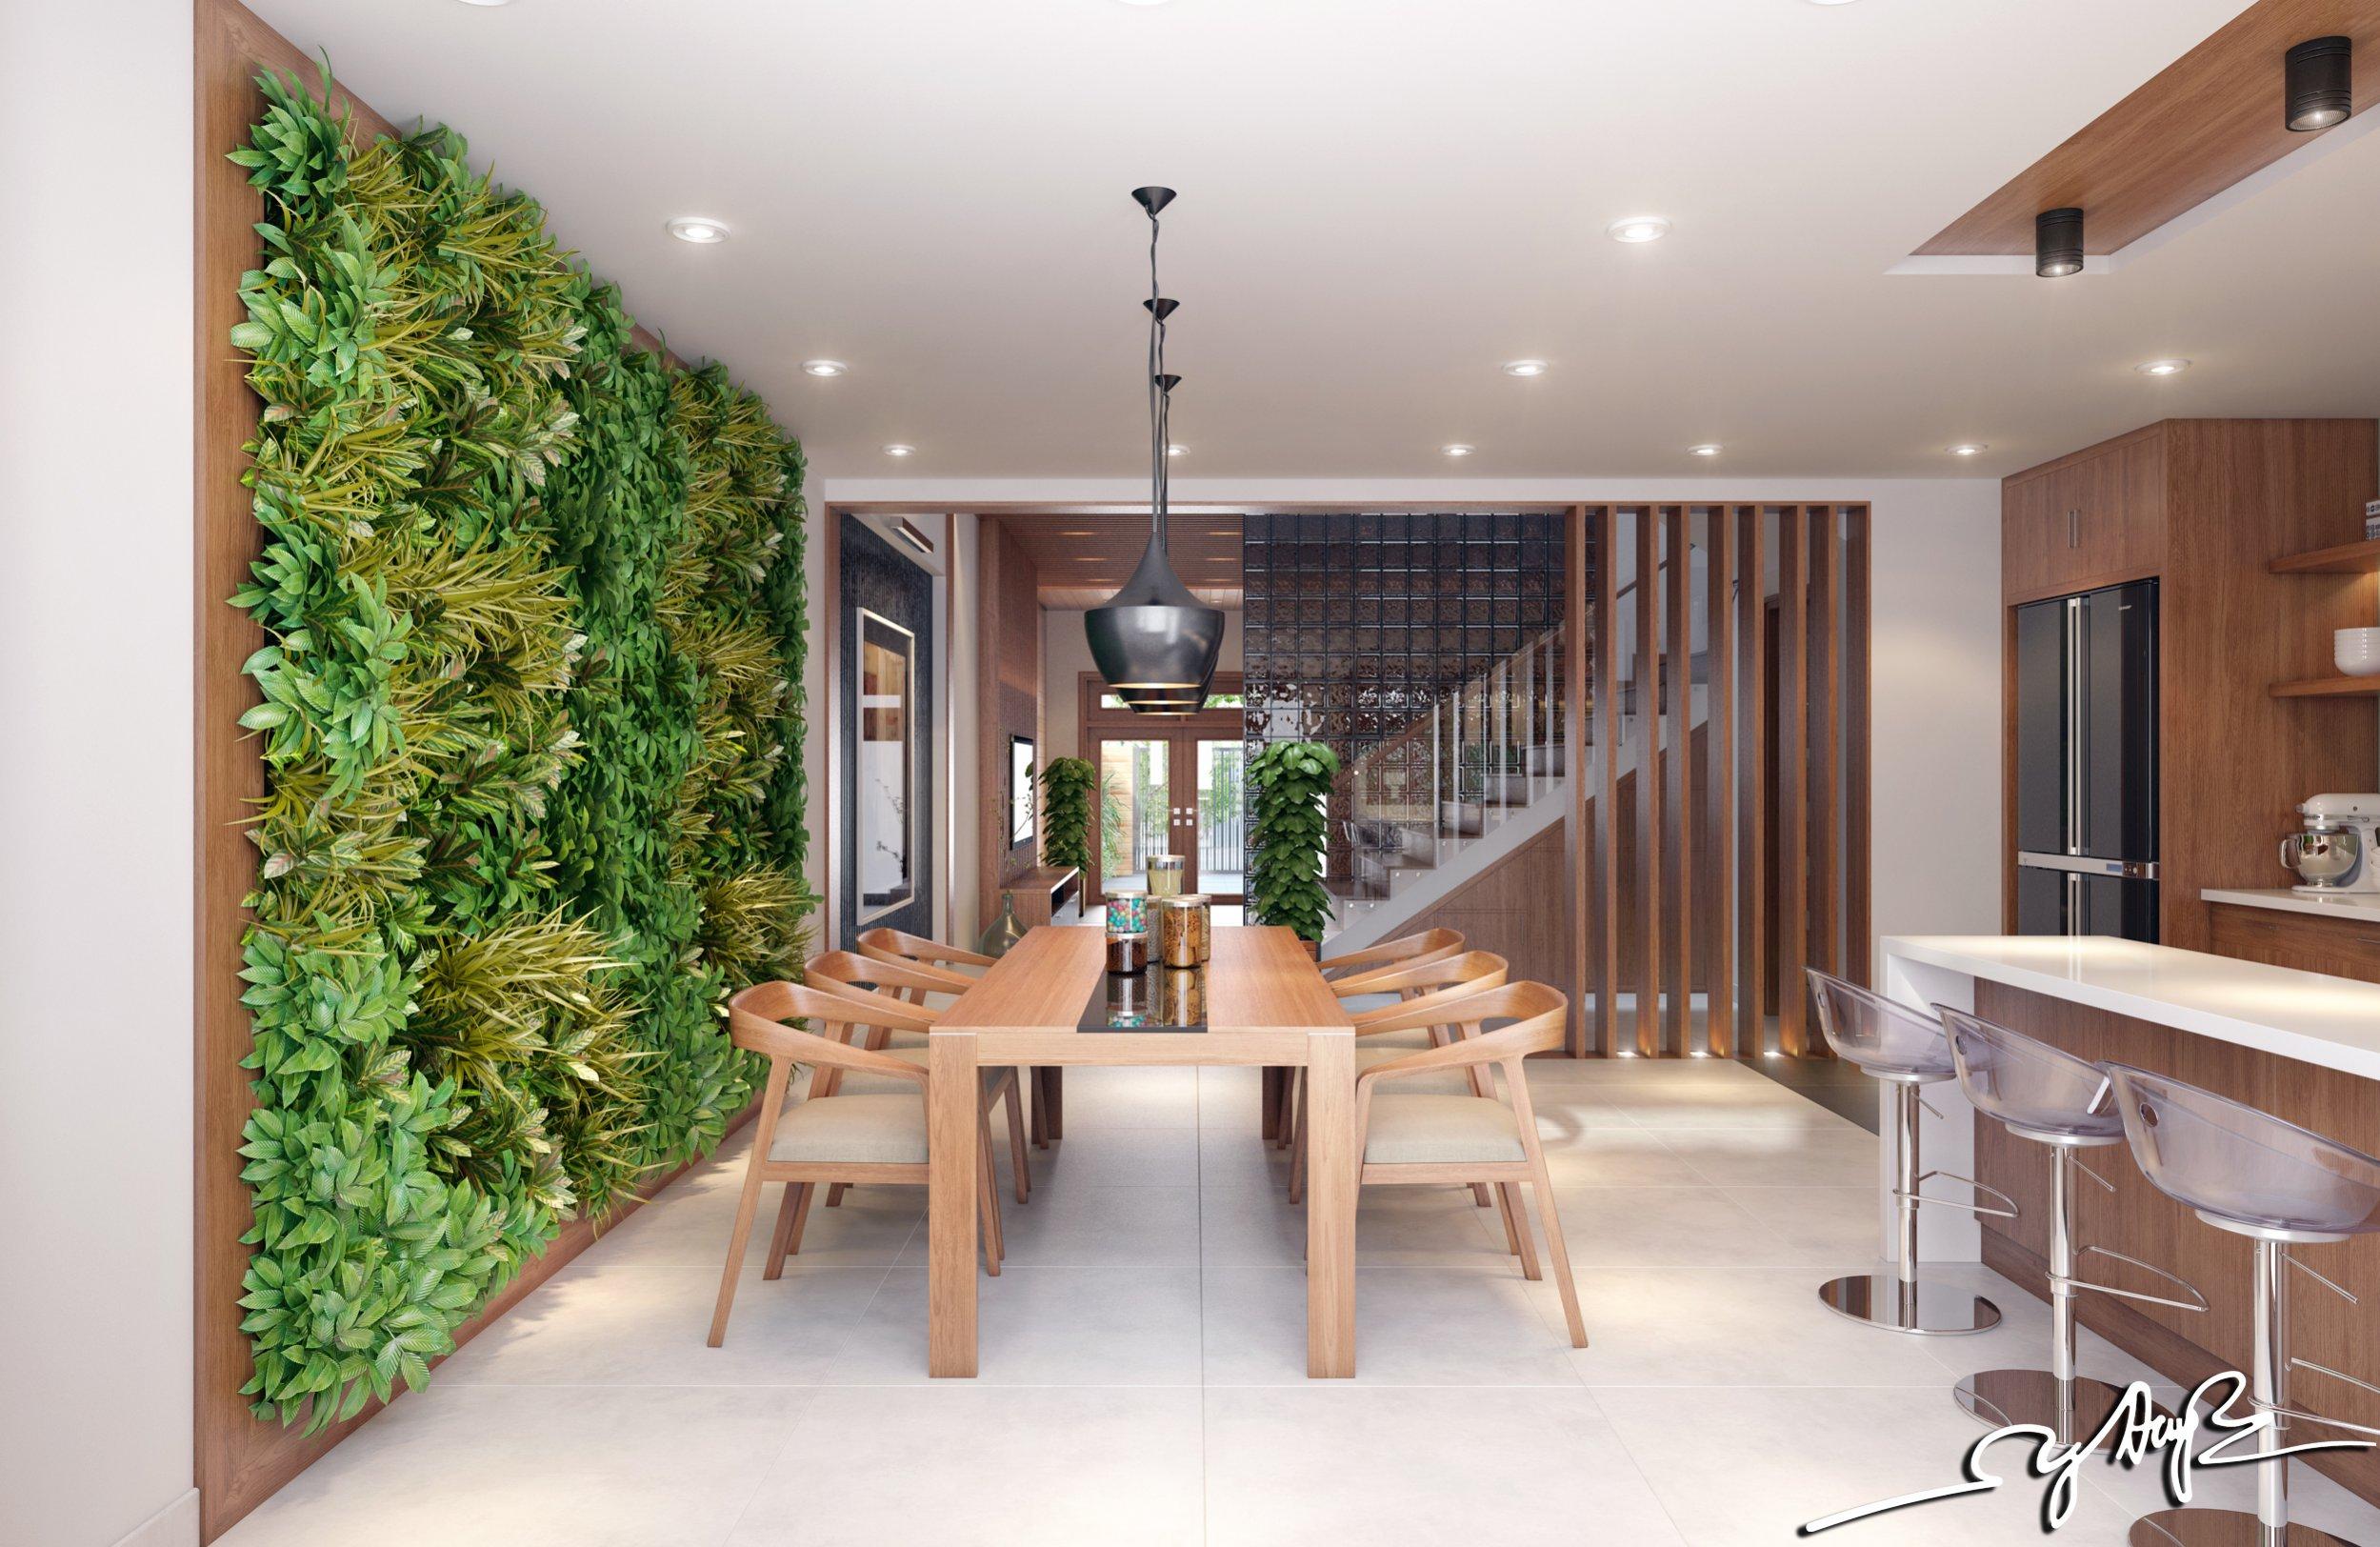 Garden wall interior design